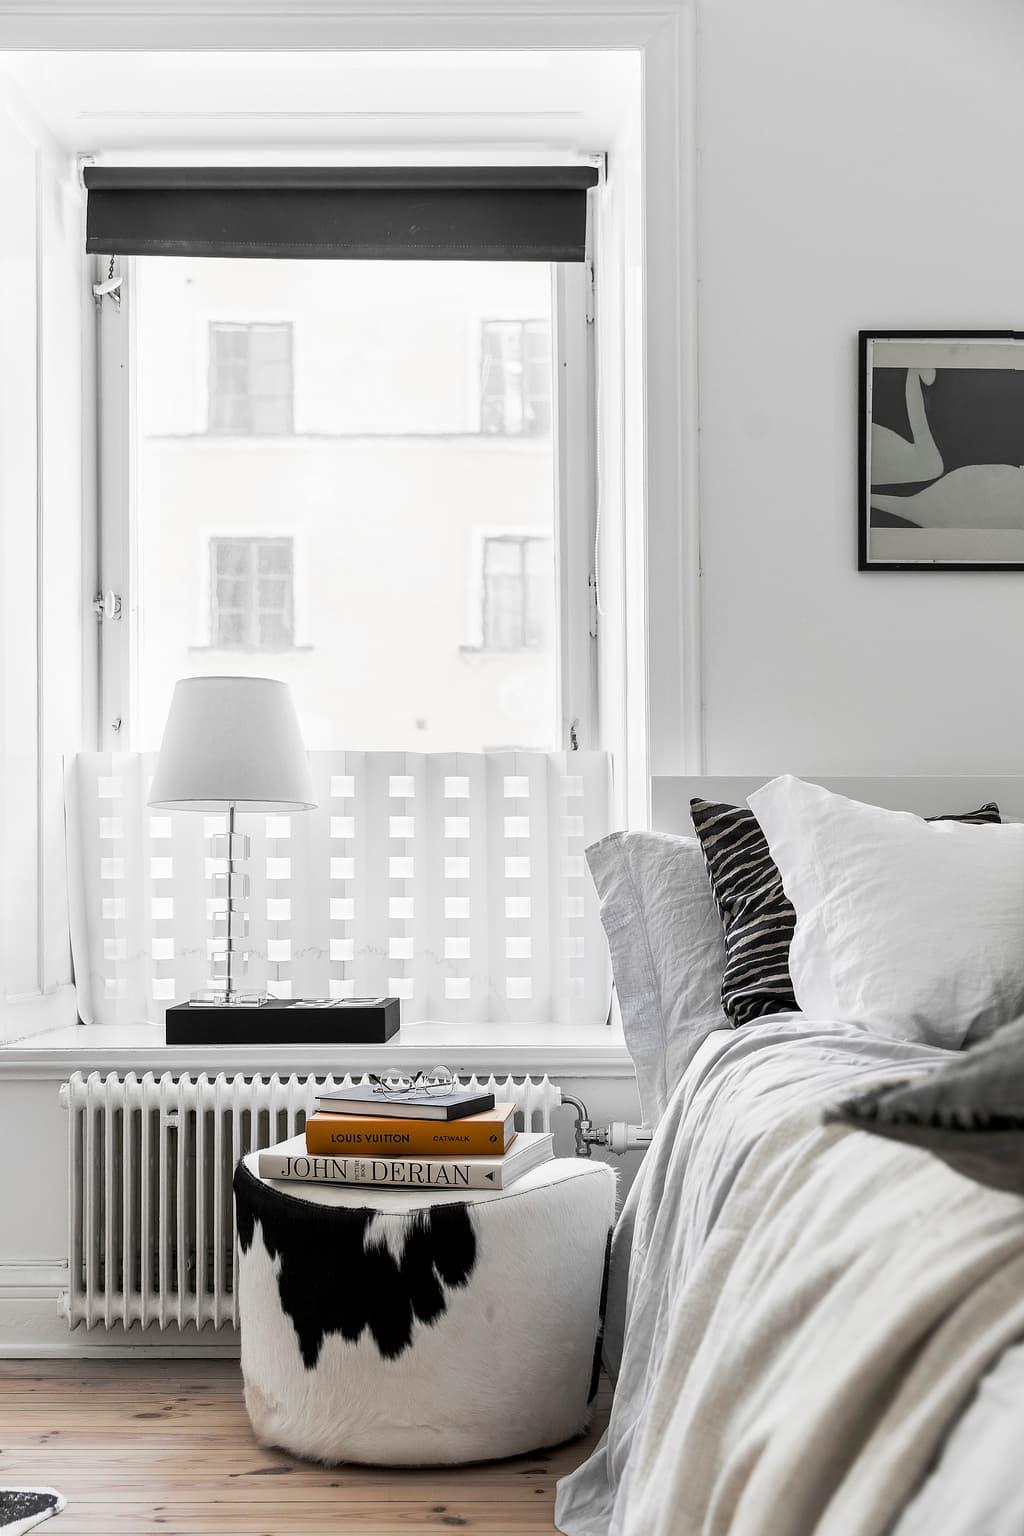 bäddad säng med koskinnspuff bredvid